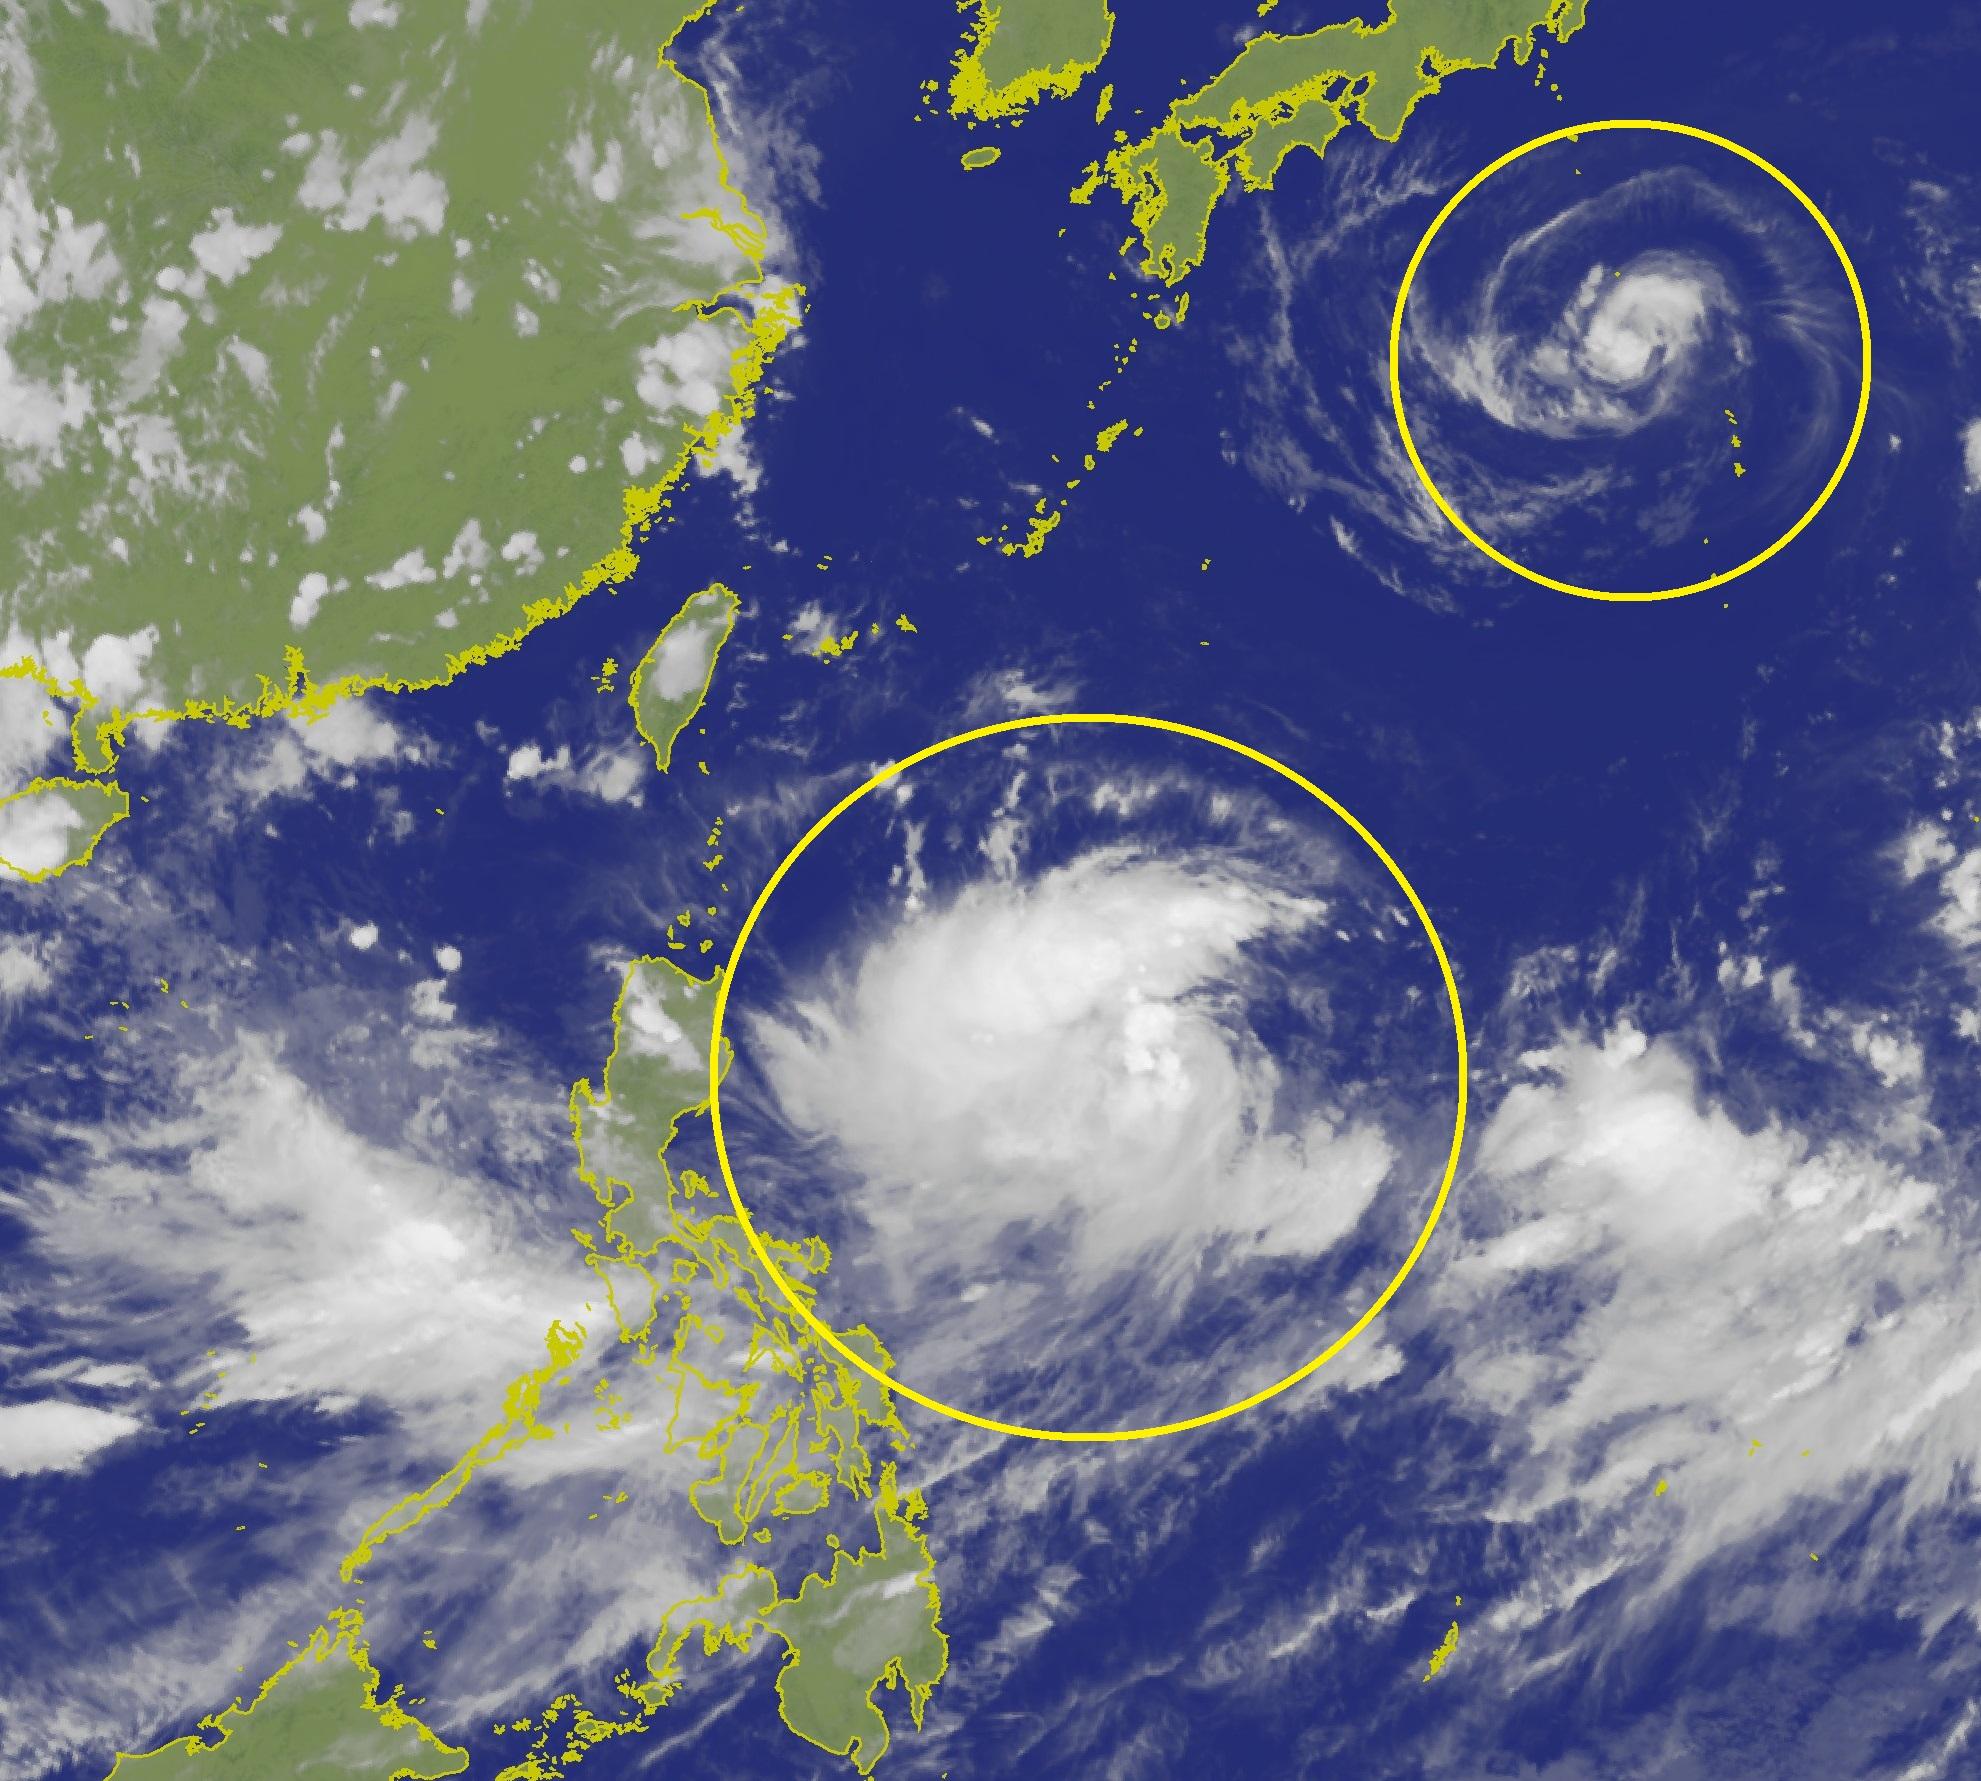 西北太平洋再有兩個風暴形成,分別是強烈熱帶風暴「范斯高」及熱帶風暴「利奇馬」